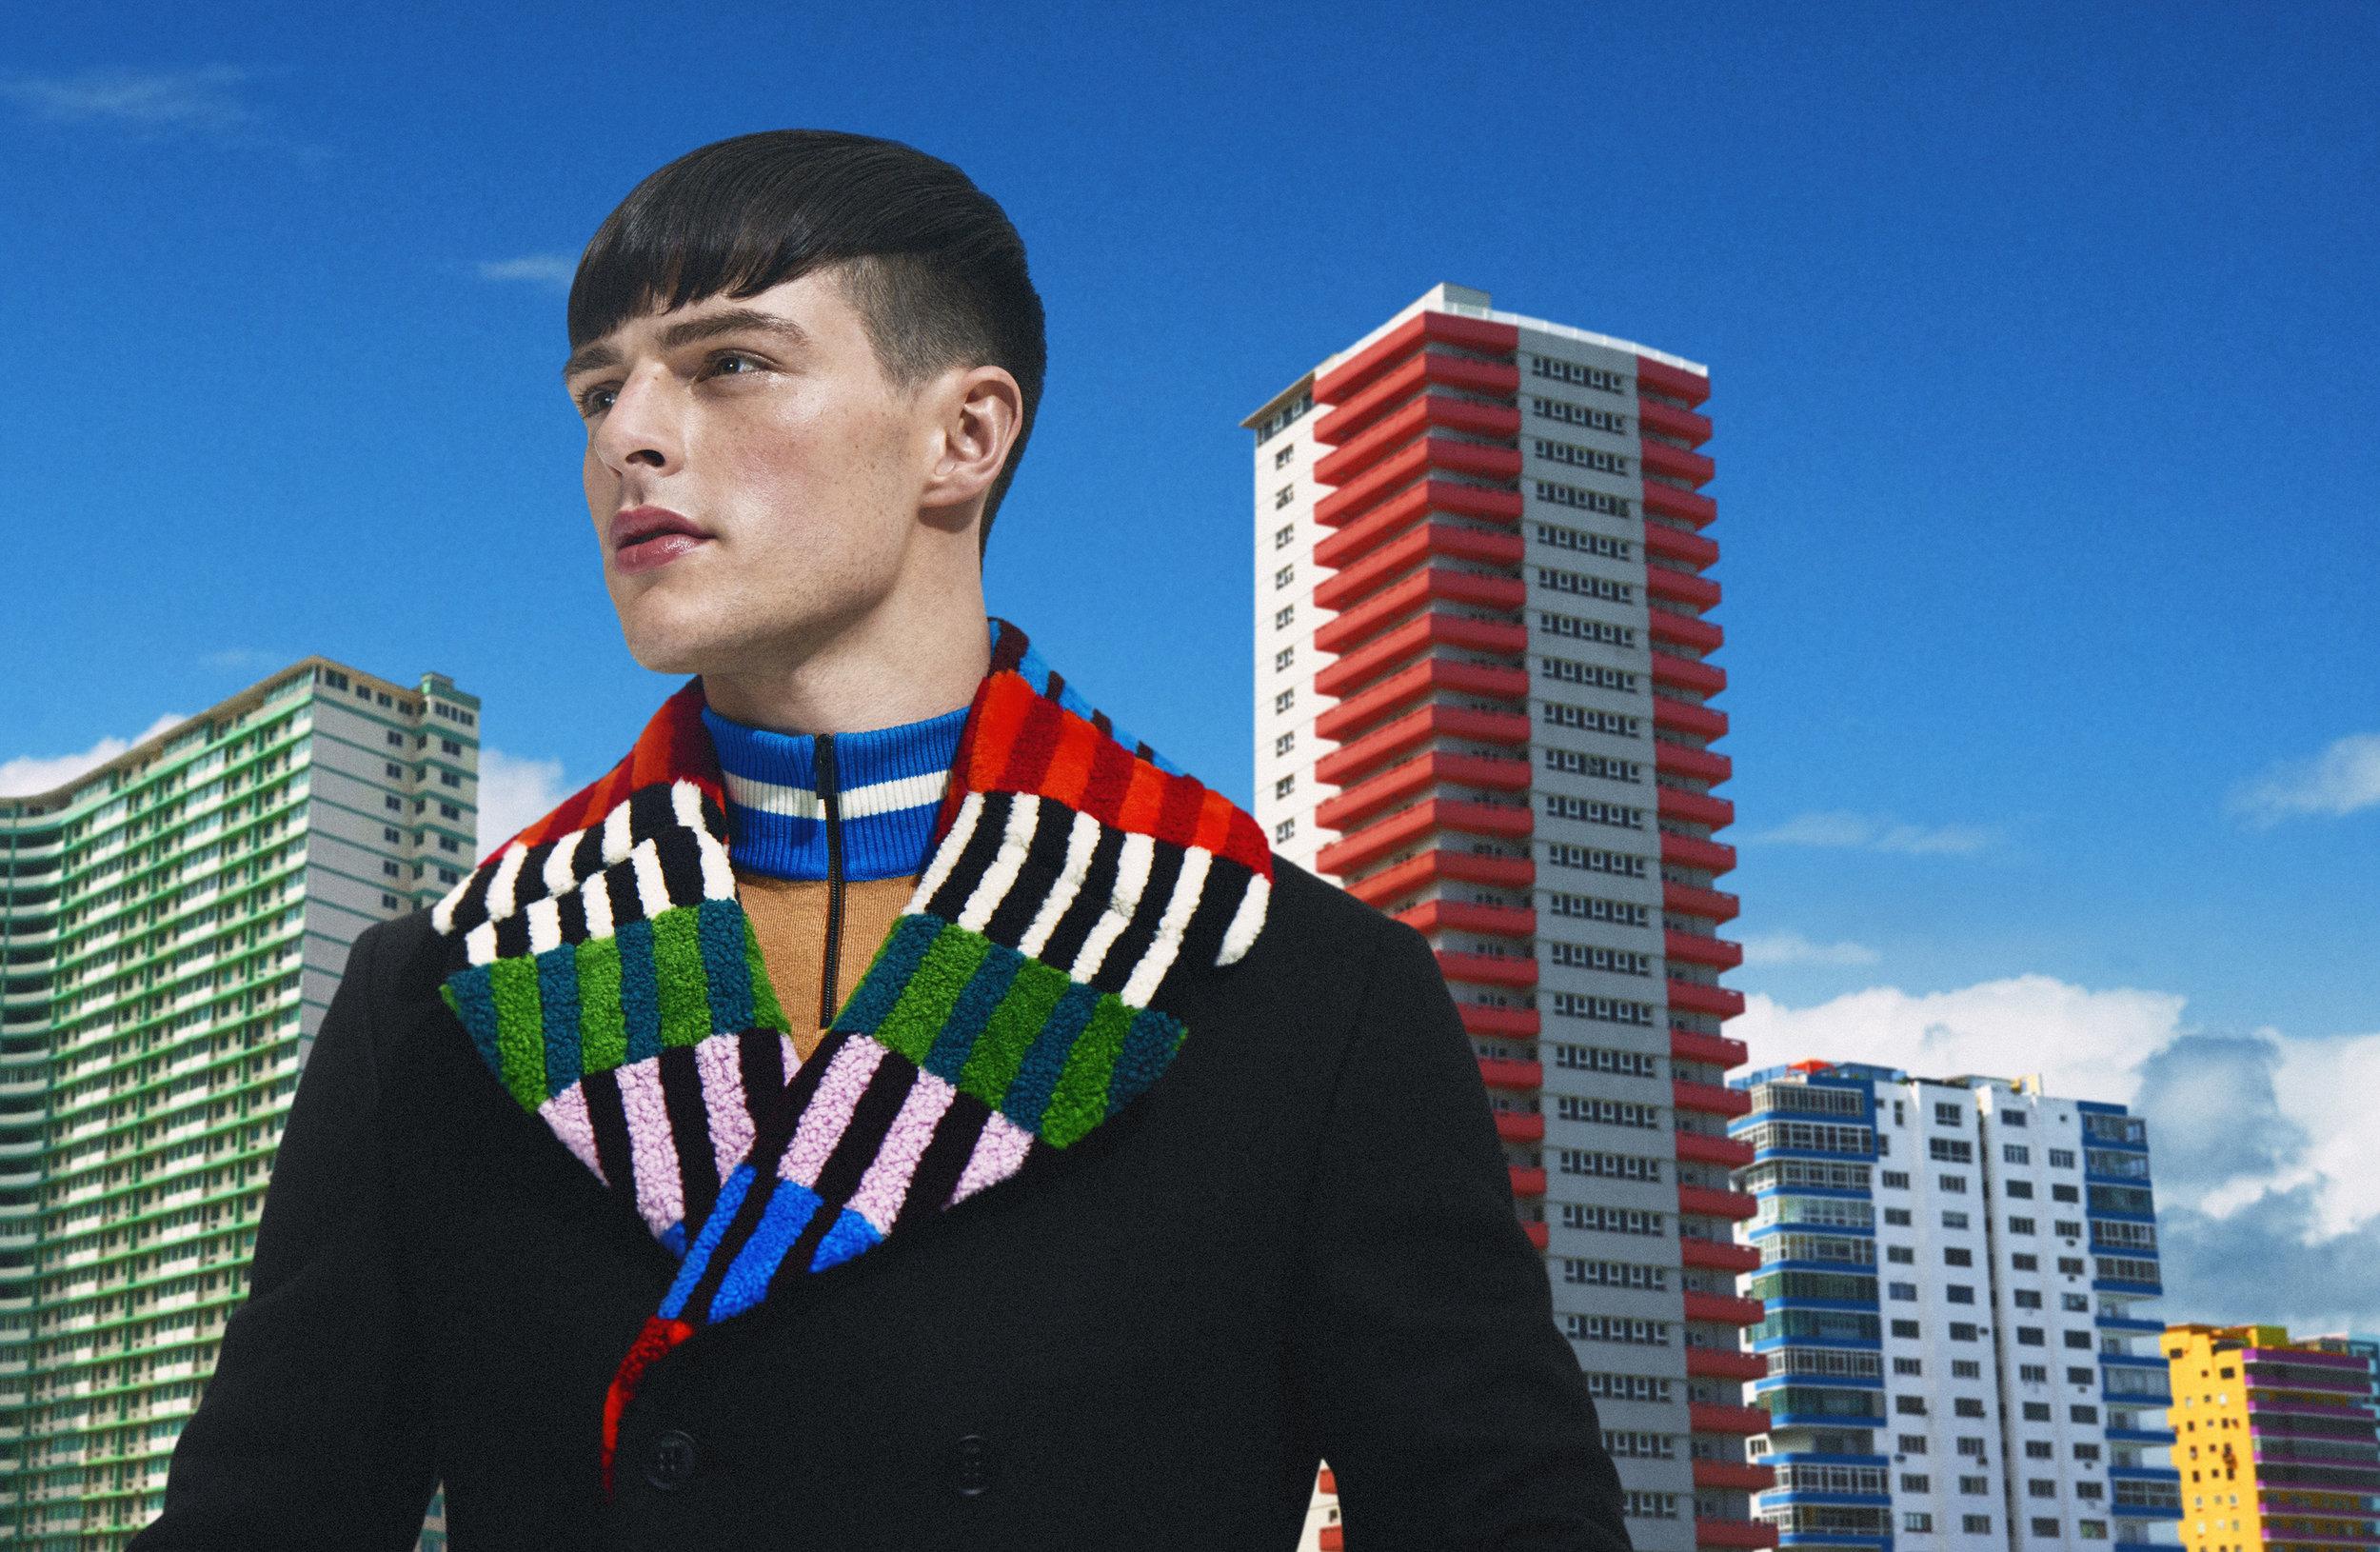 Fendi / Luxure Magazine / George McLeod